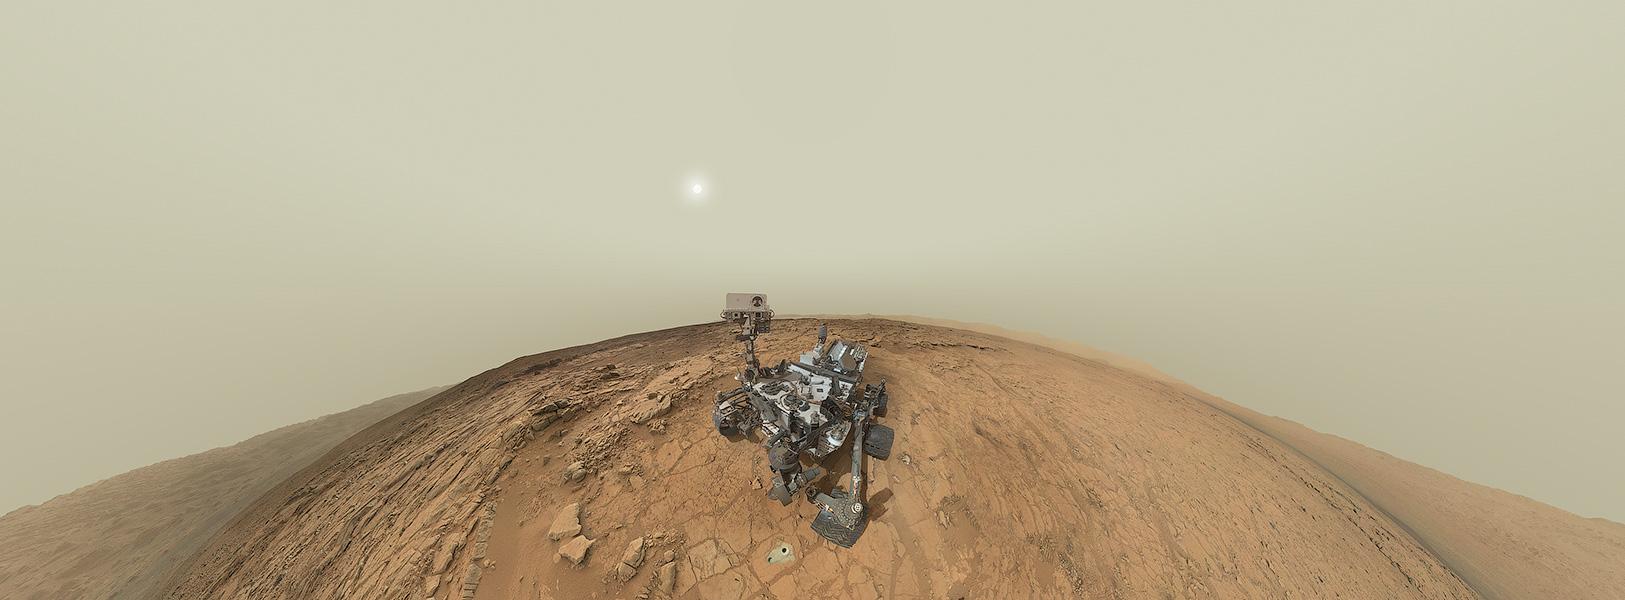 Autorretrato panorámico del Curiosity